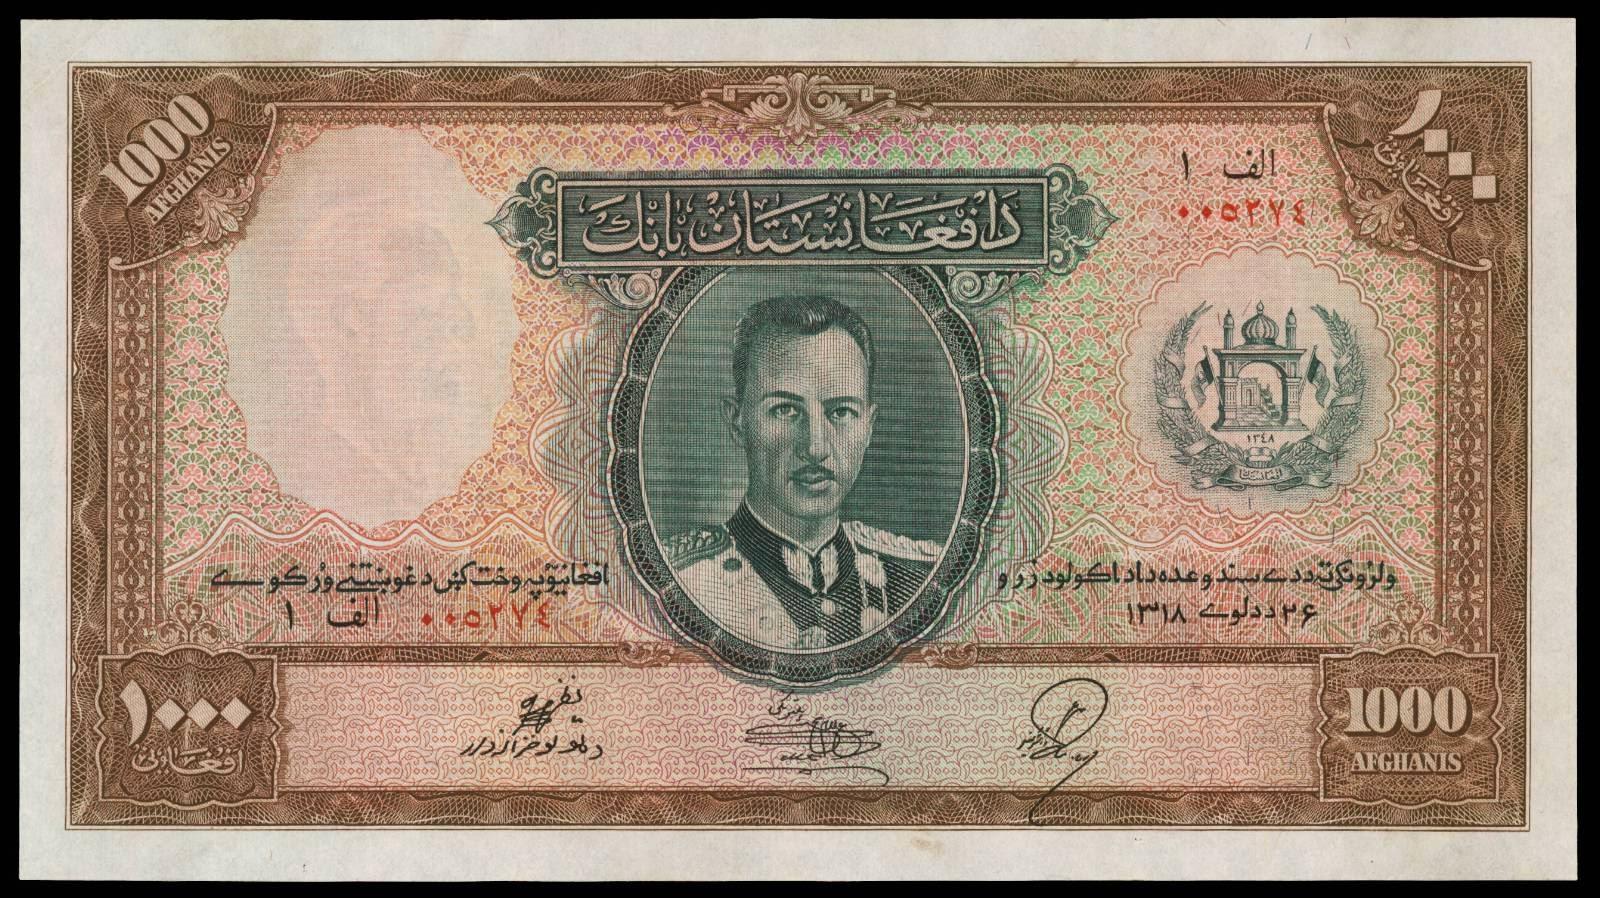 Afghanistan currency 1000 Afghanis banknote 1939 King Mohammed Zahir Shah